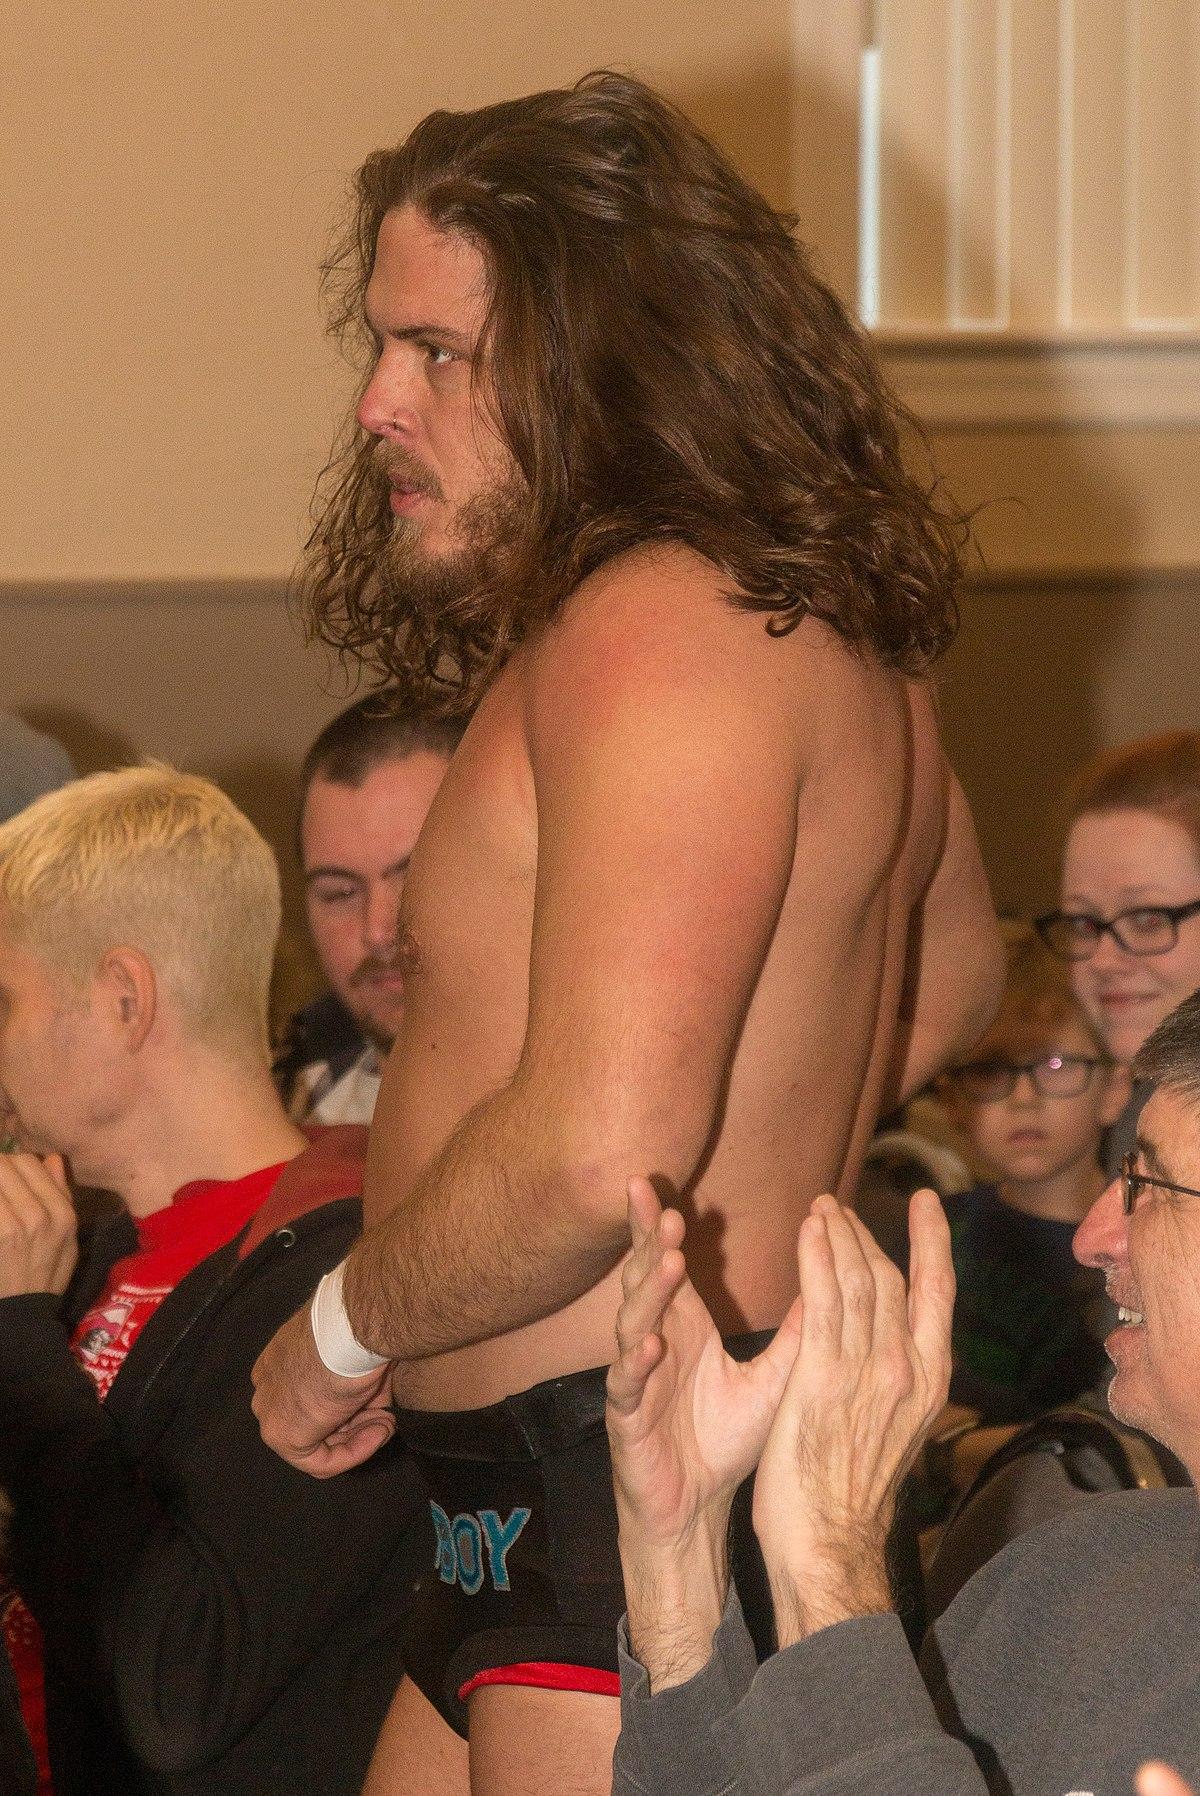 Maxwell Jacob Friedman Pro Wrestling Fandom